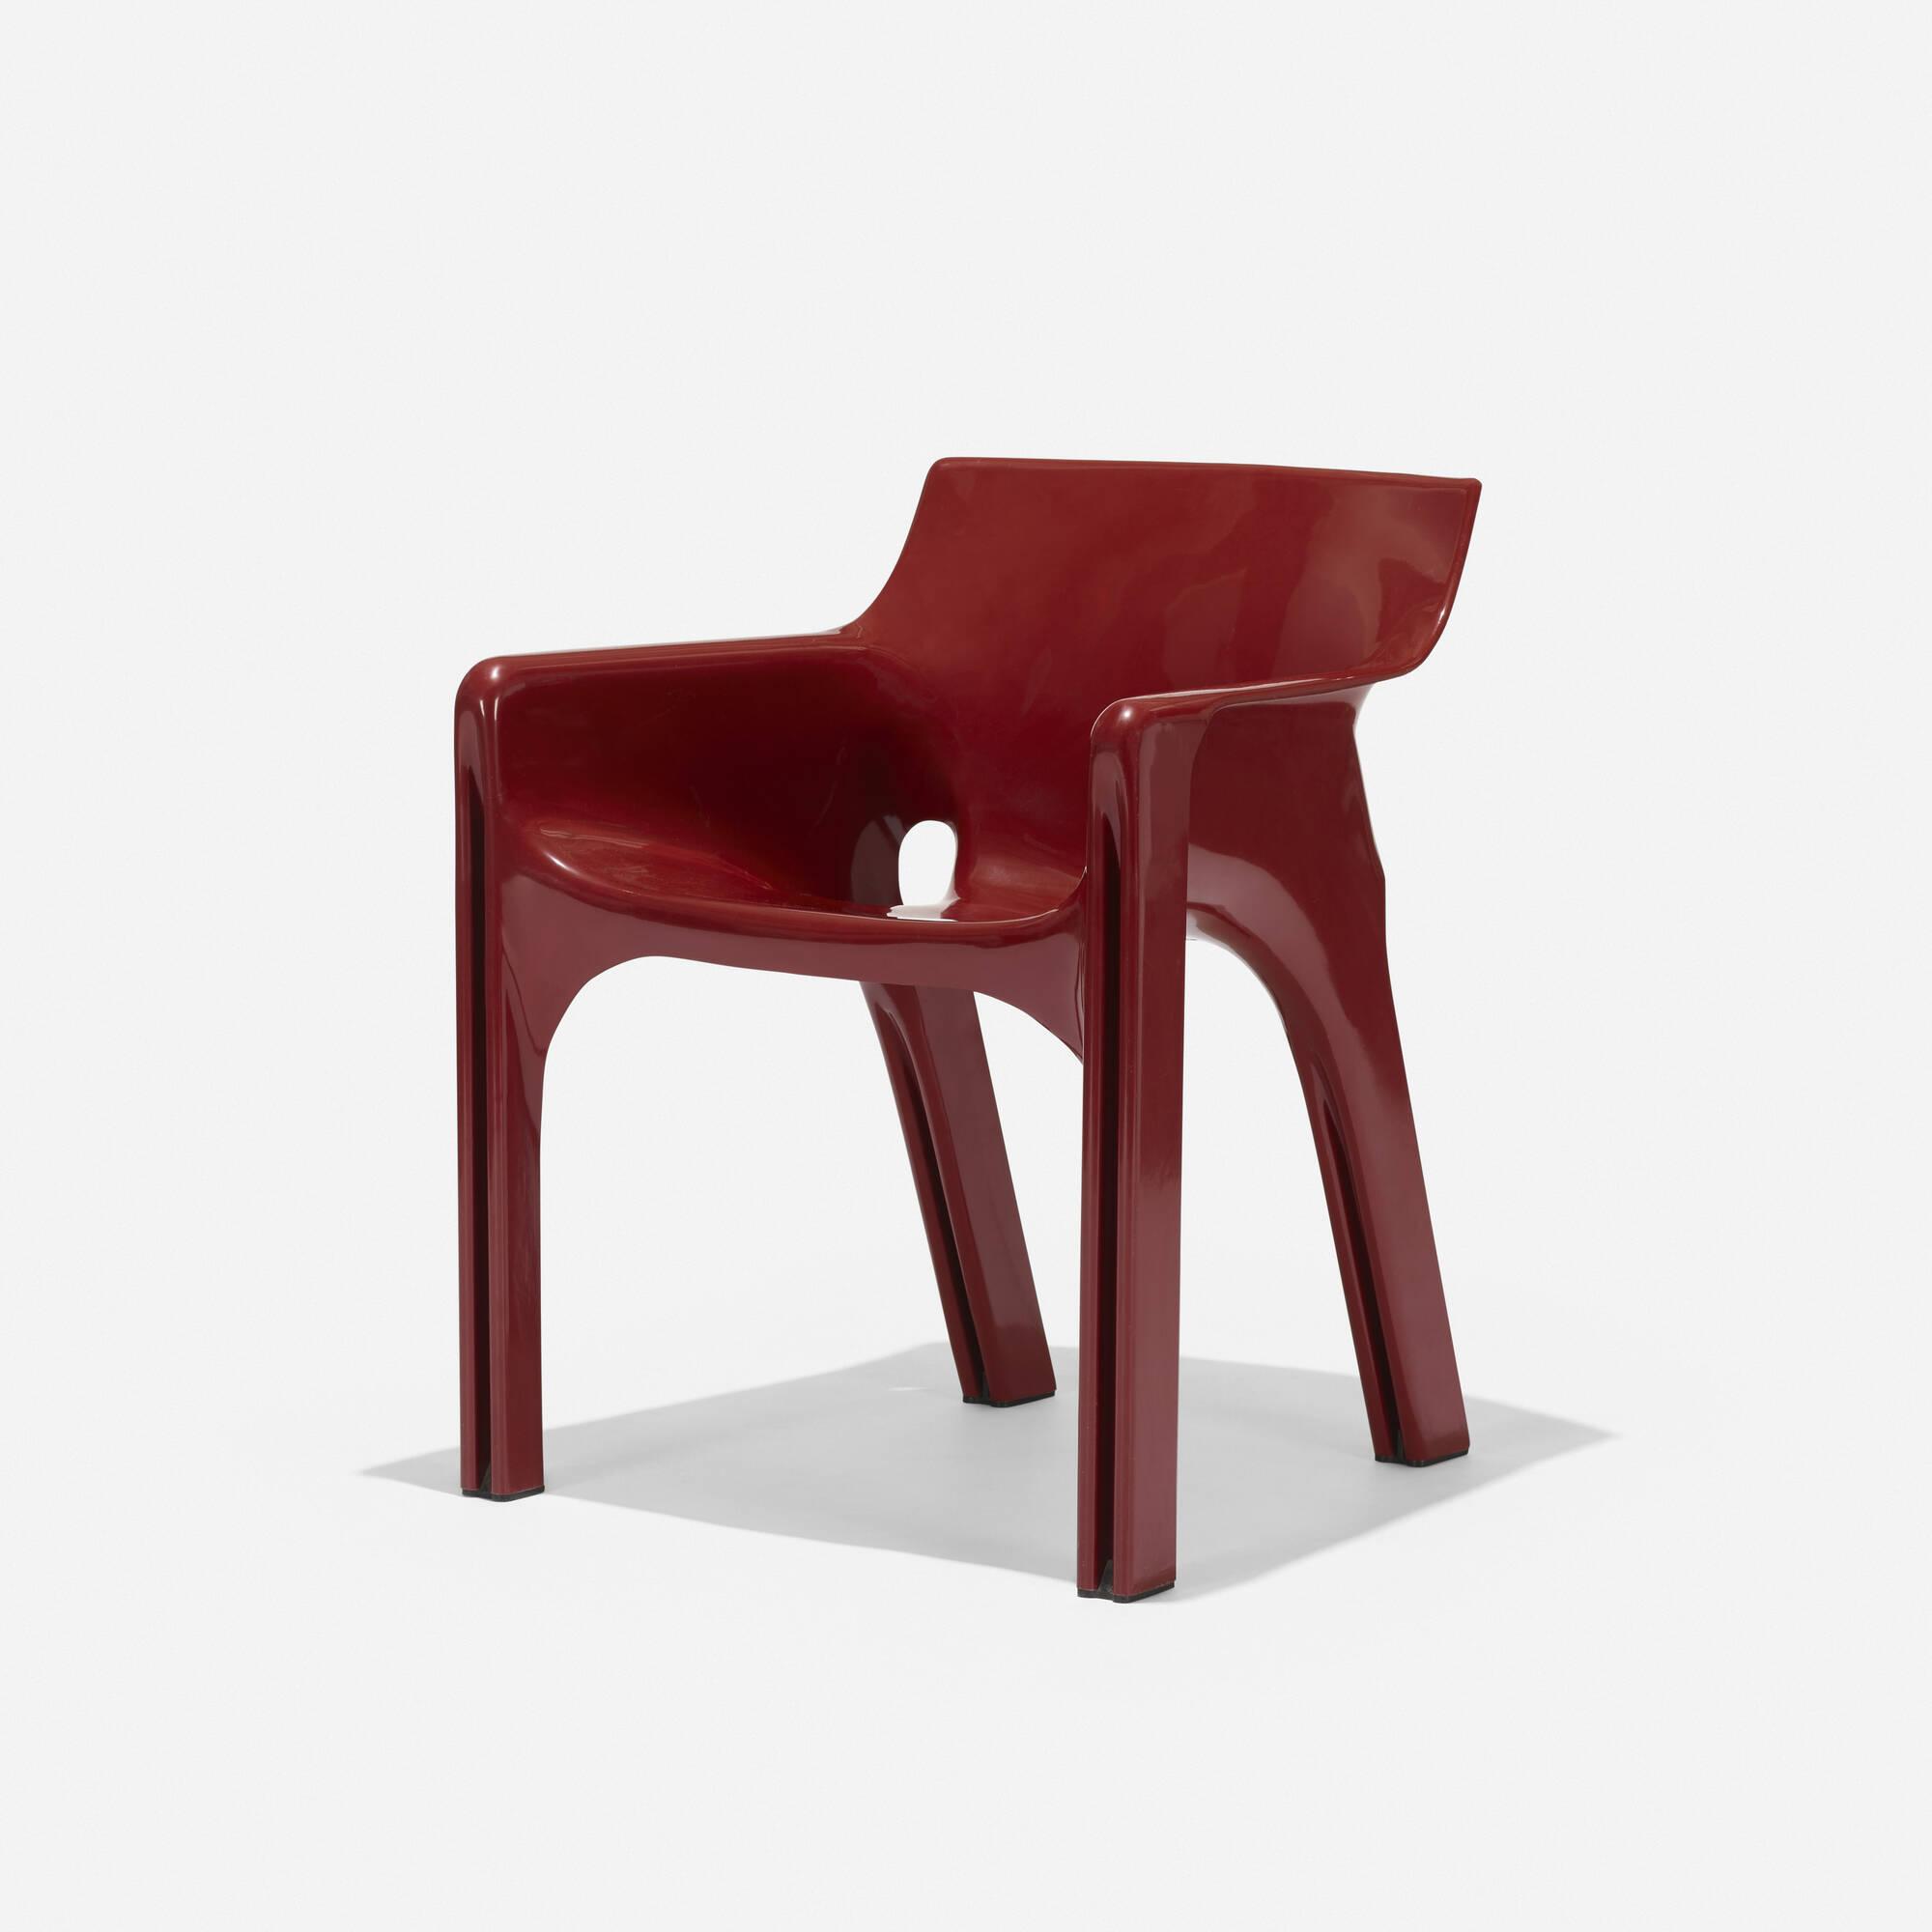 406: Vico Magistretti / Gaudi chair (1 of 4)